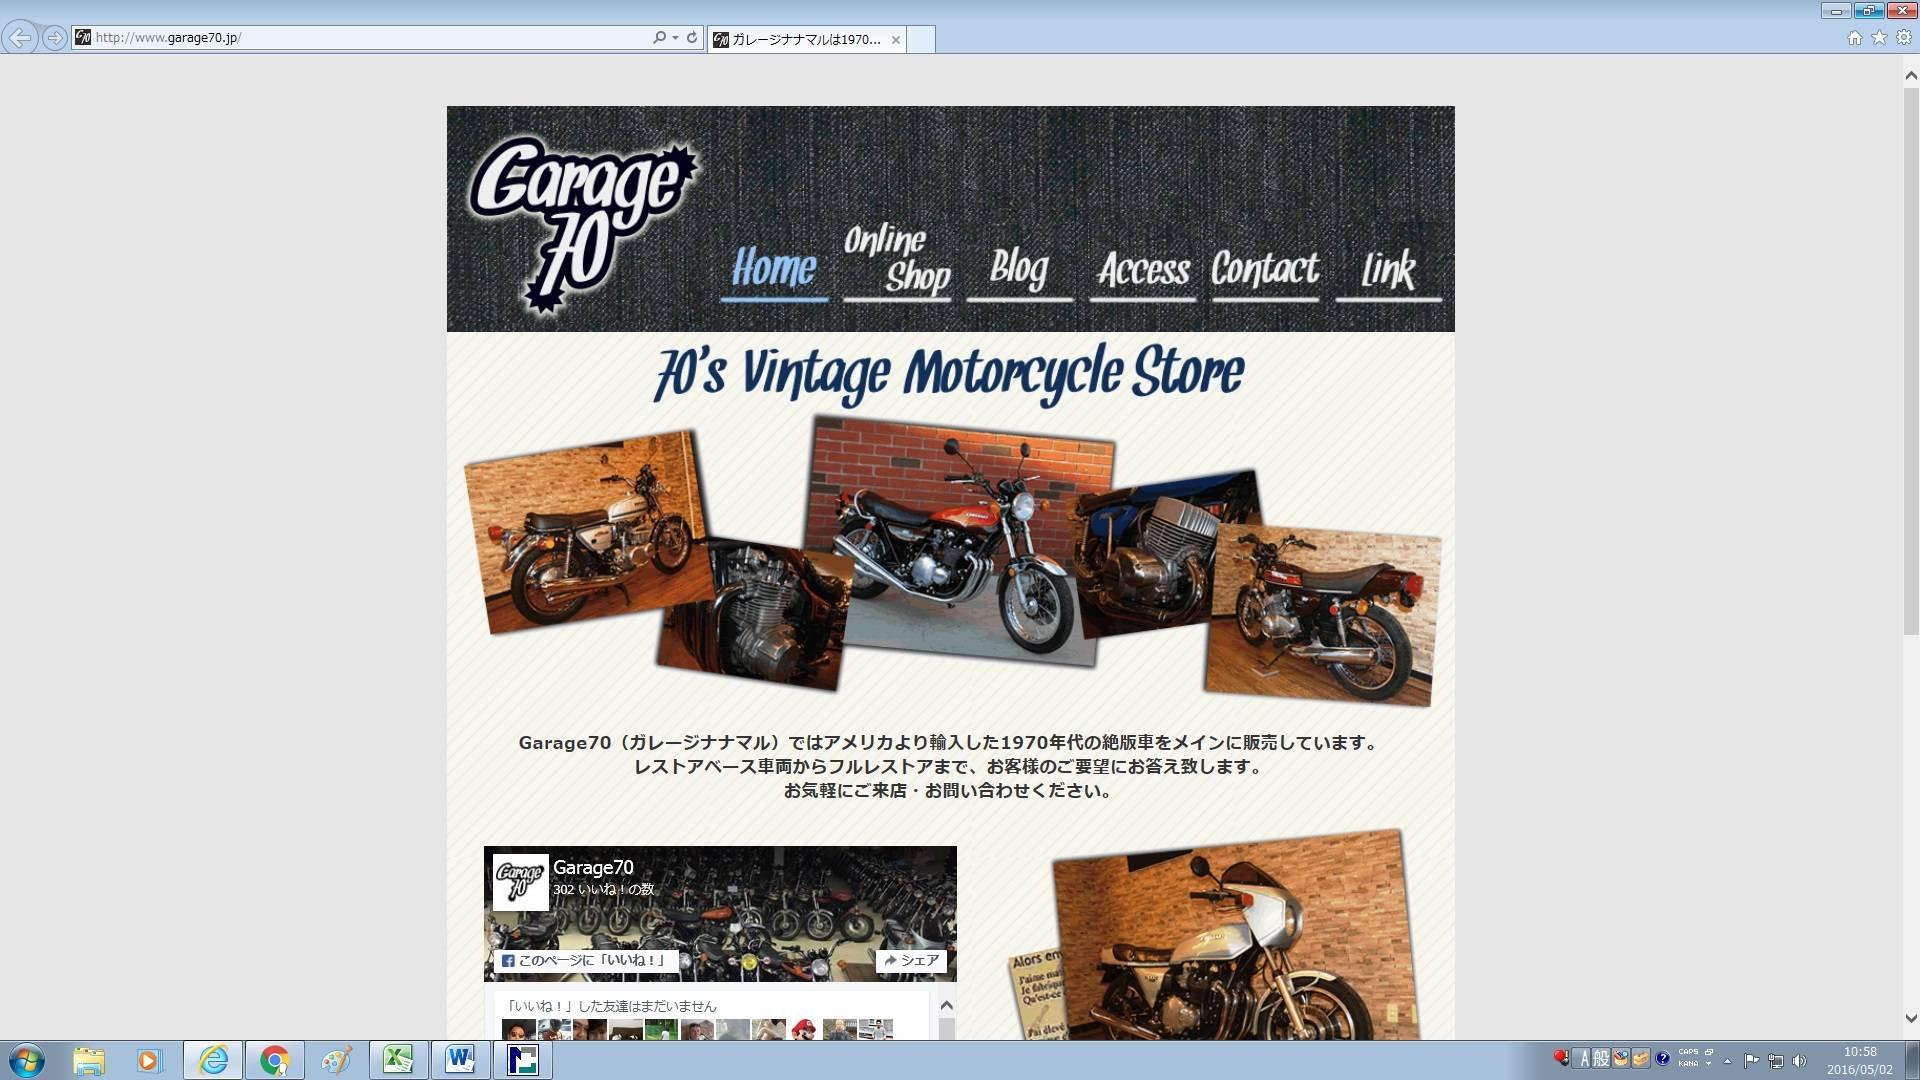 Garage70